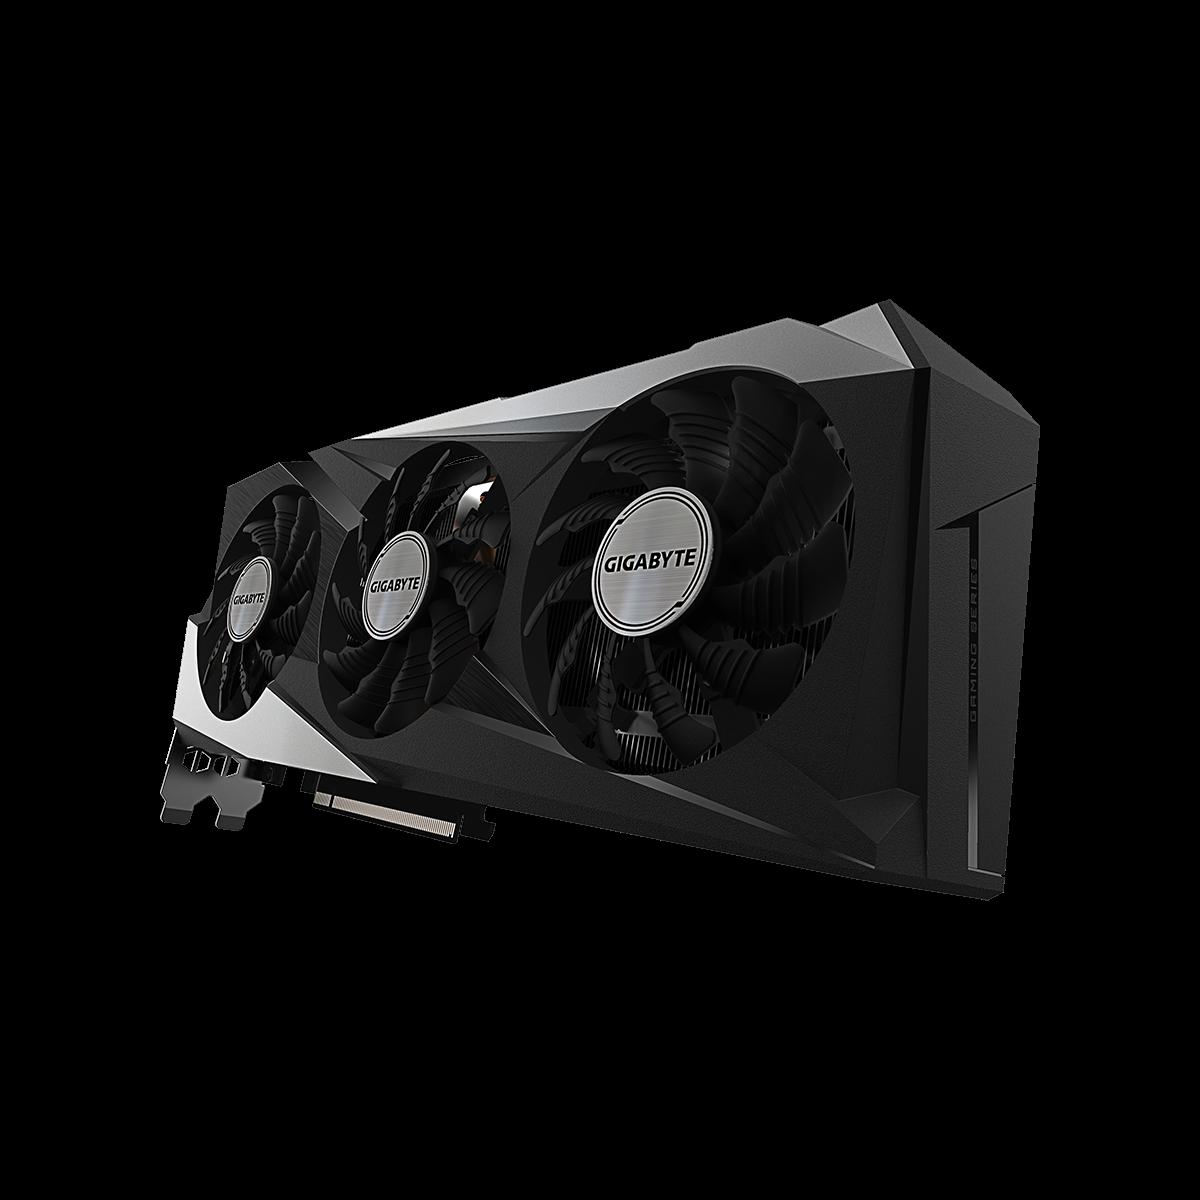 Radeon RX 6700 XT GAMING OC 12G